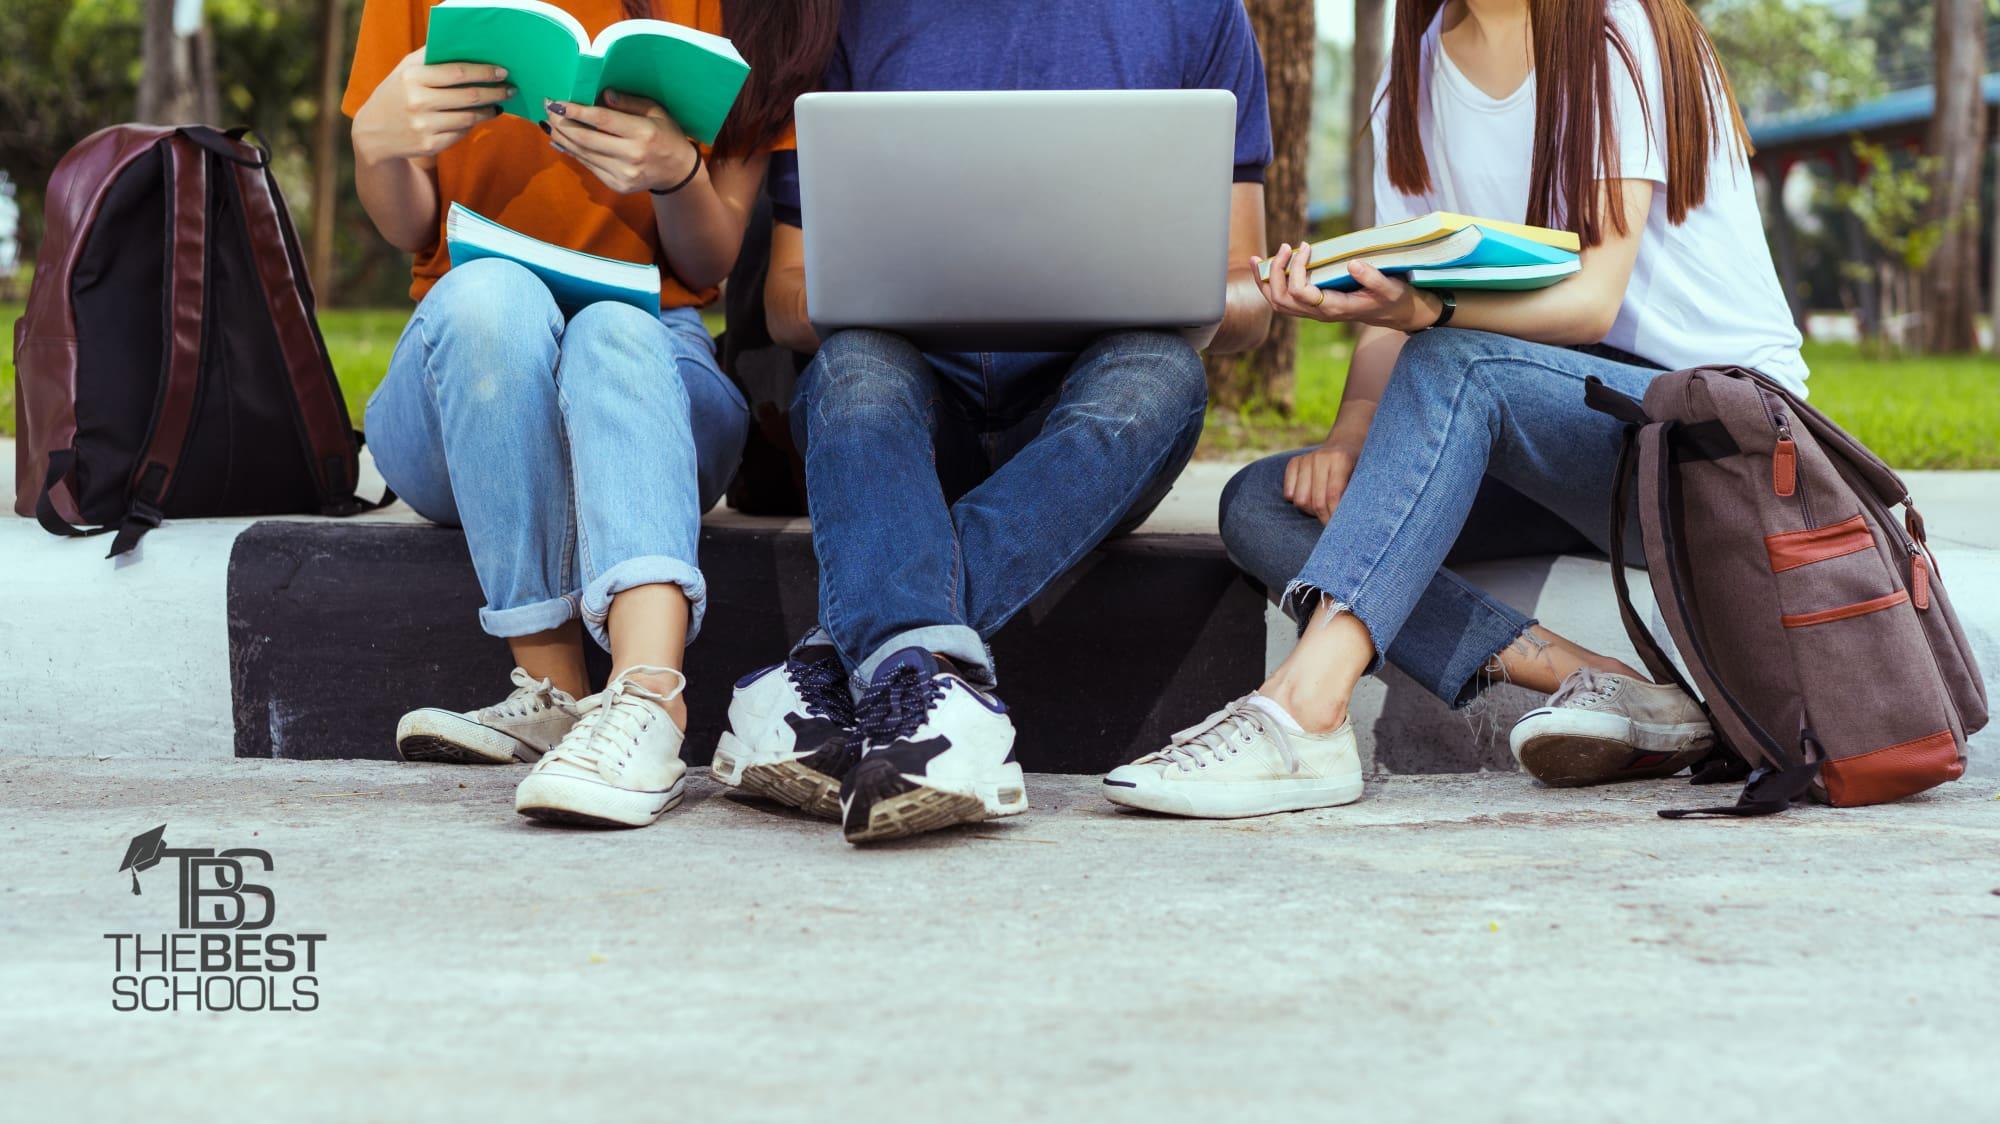 The 50 Best Online High School Diplomas